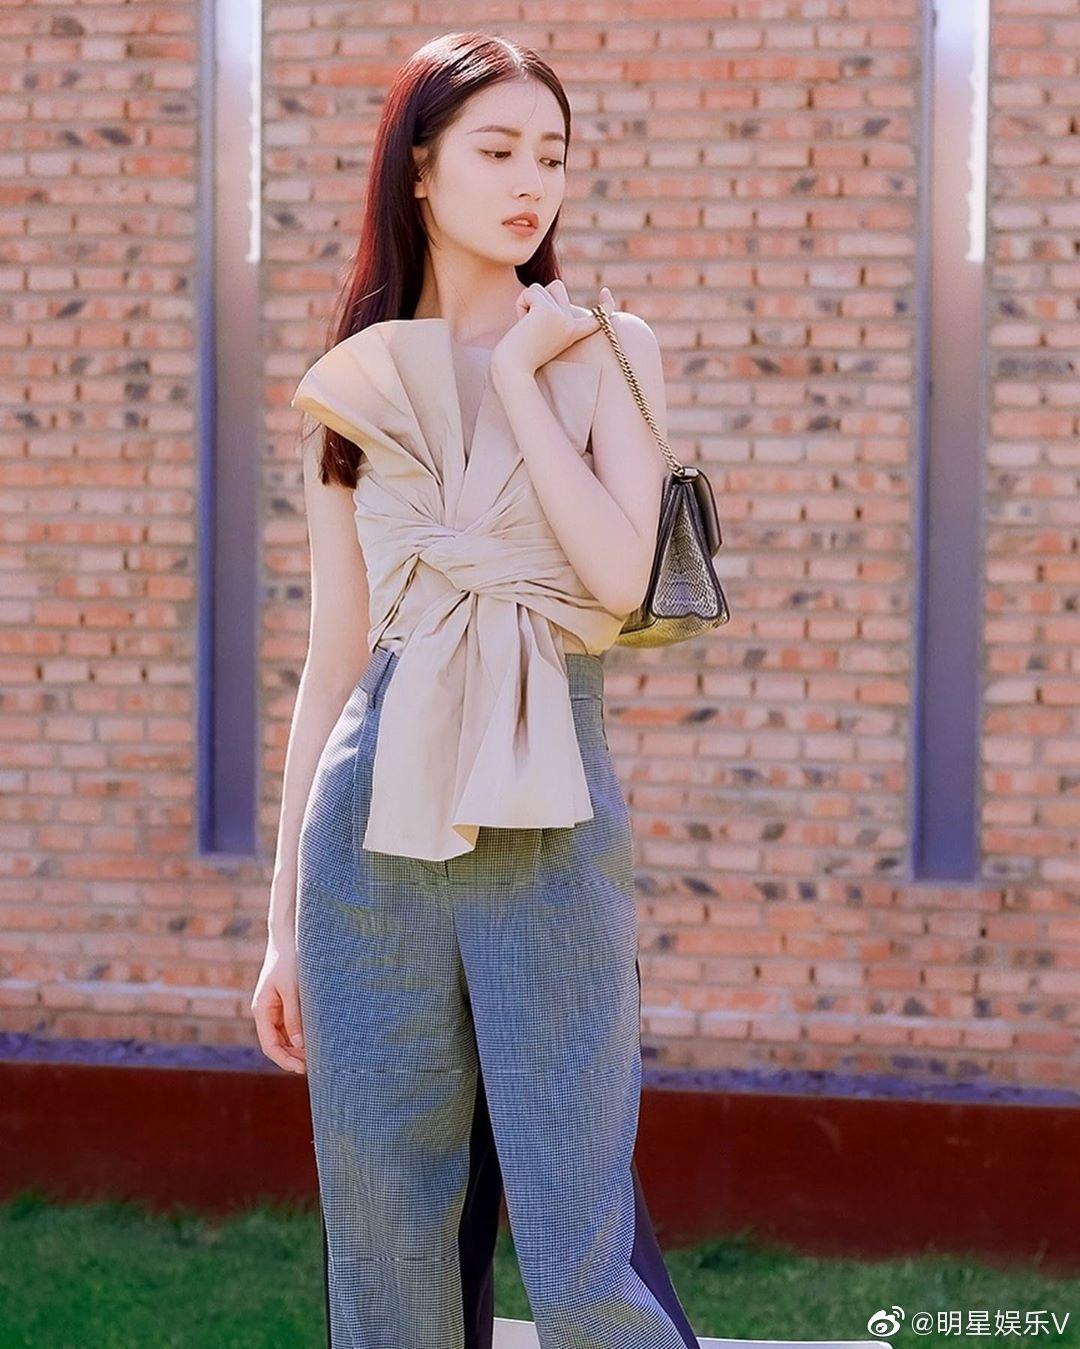 陈钰琪户外写真图片 露肩蝶花上衣格纹阔腿裤,柔美和帅酷的完美结合! 